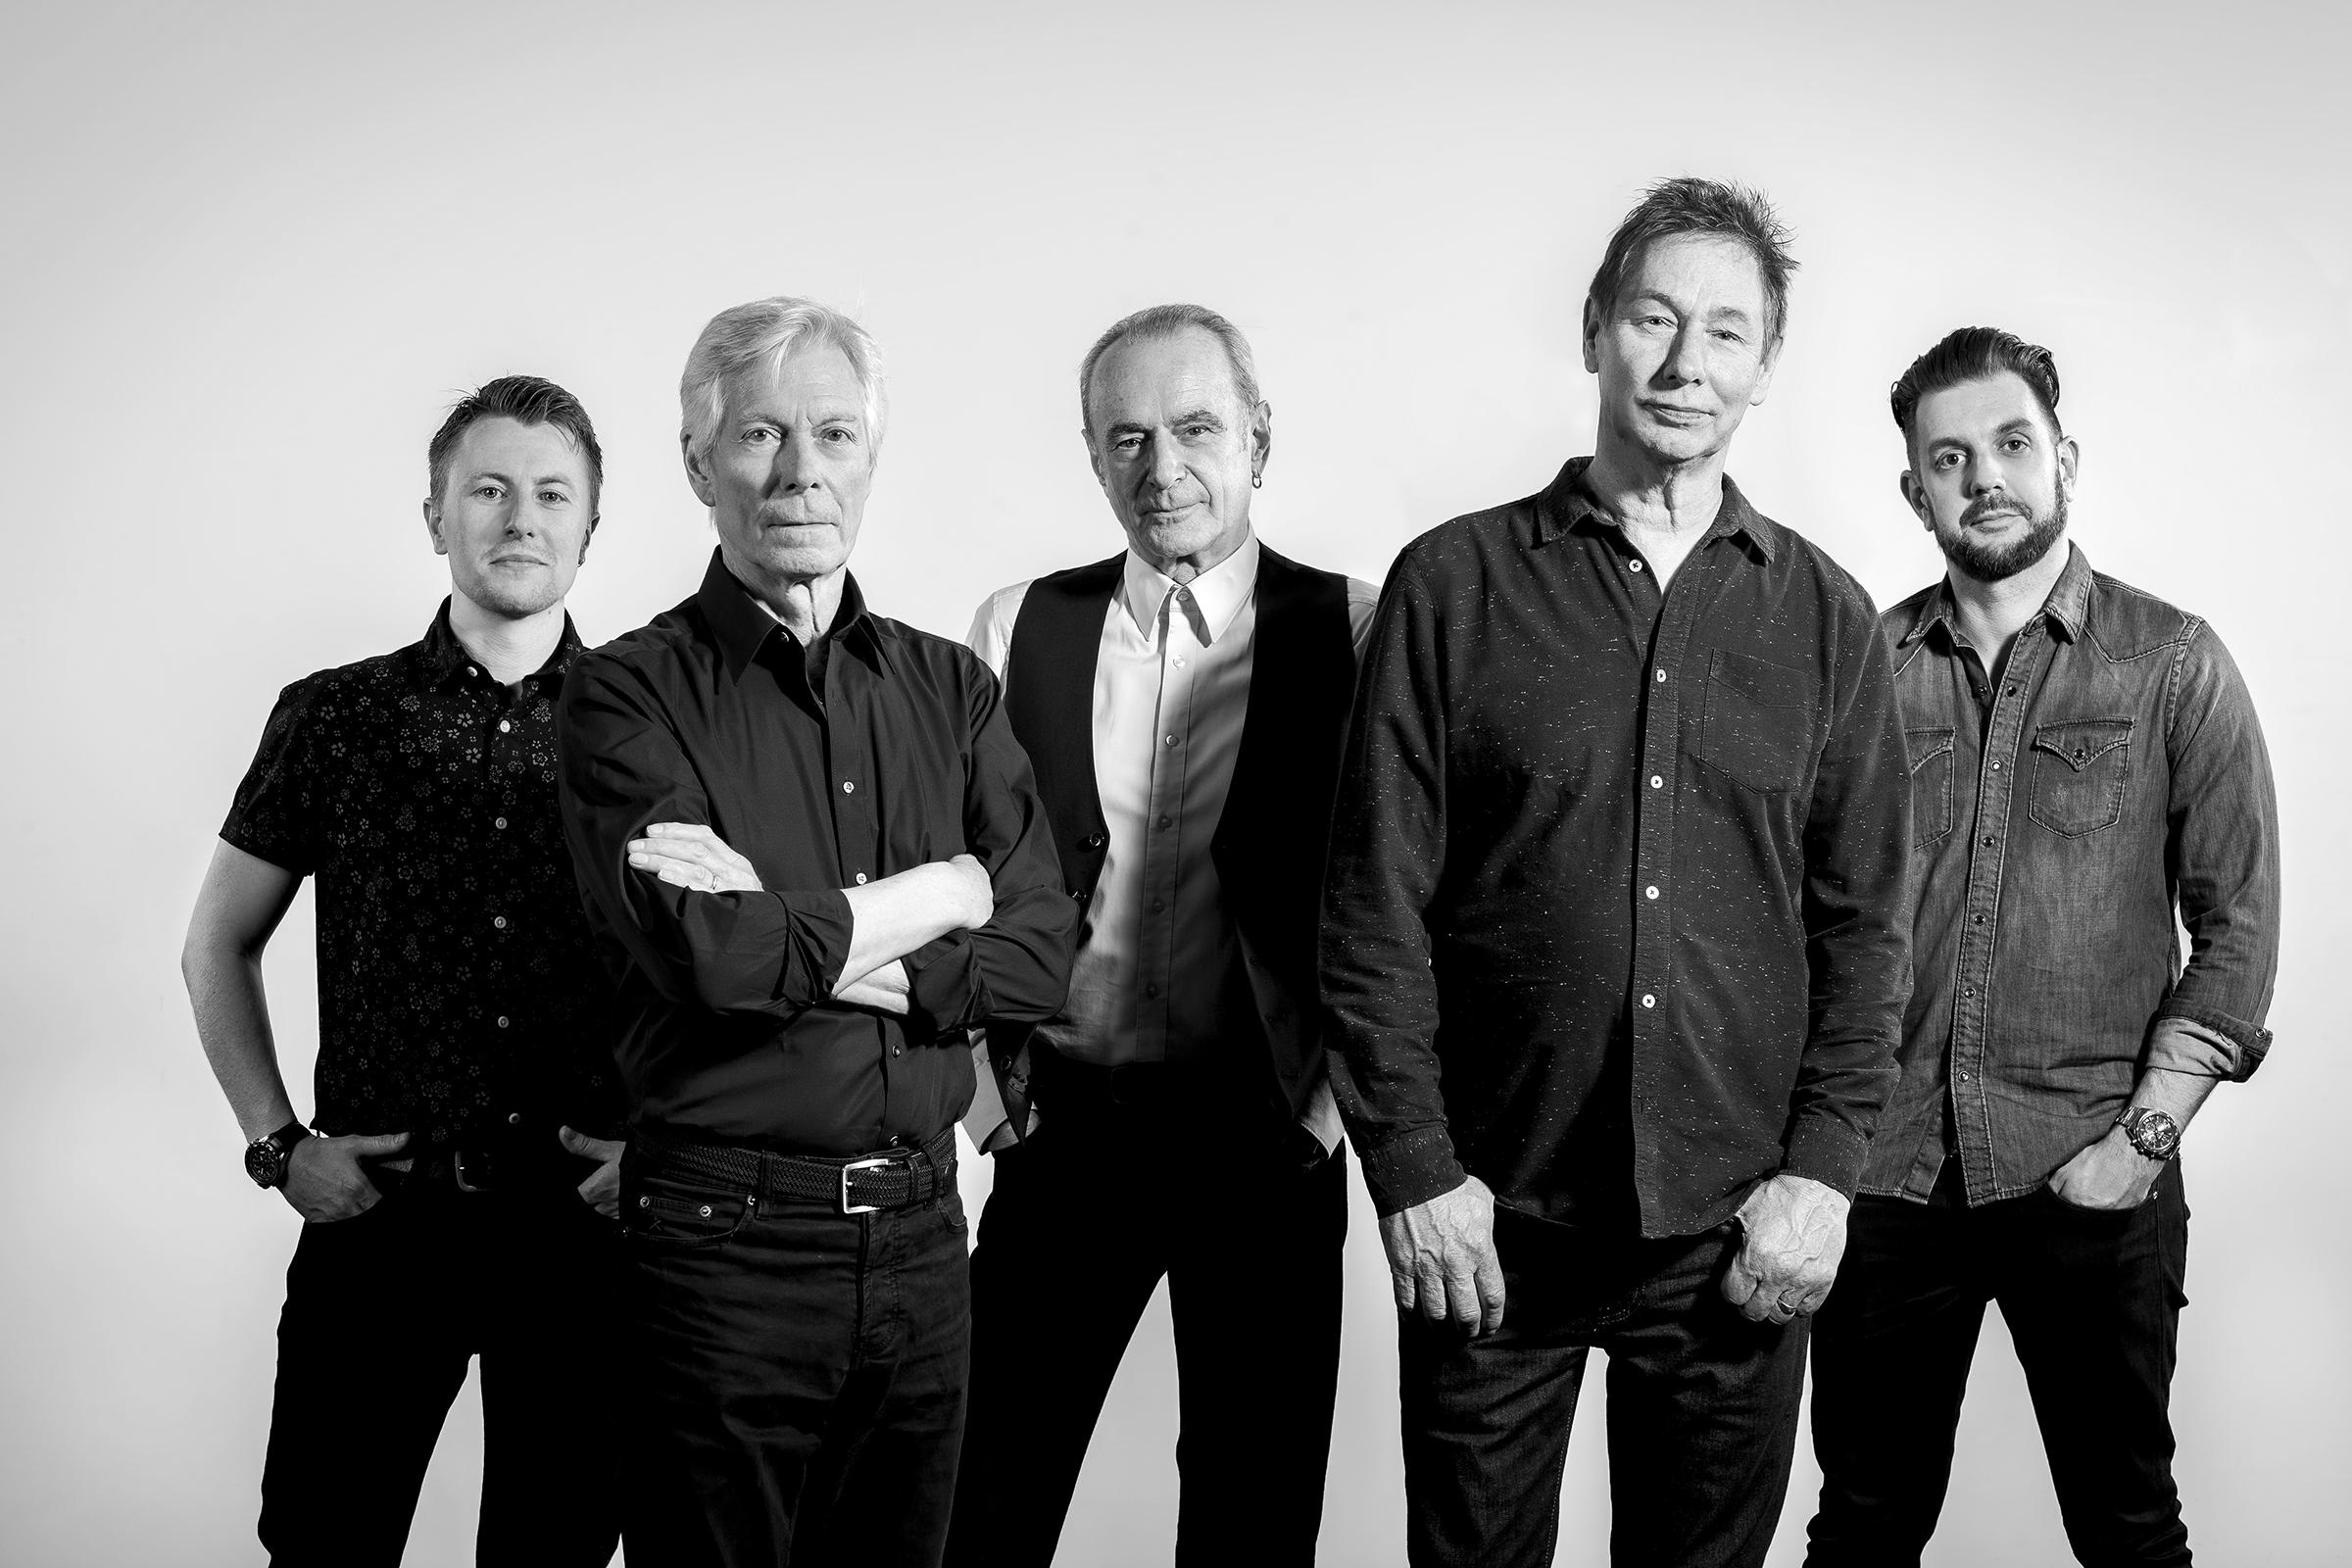 Legendary rockers STATUS QUO announce headline Irish shows for February 2022 1